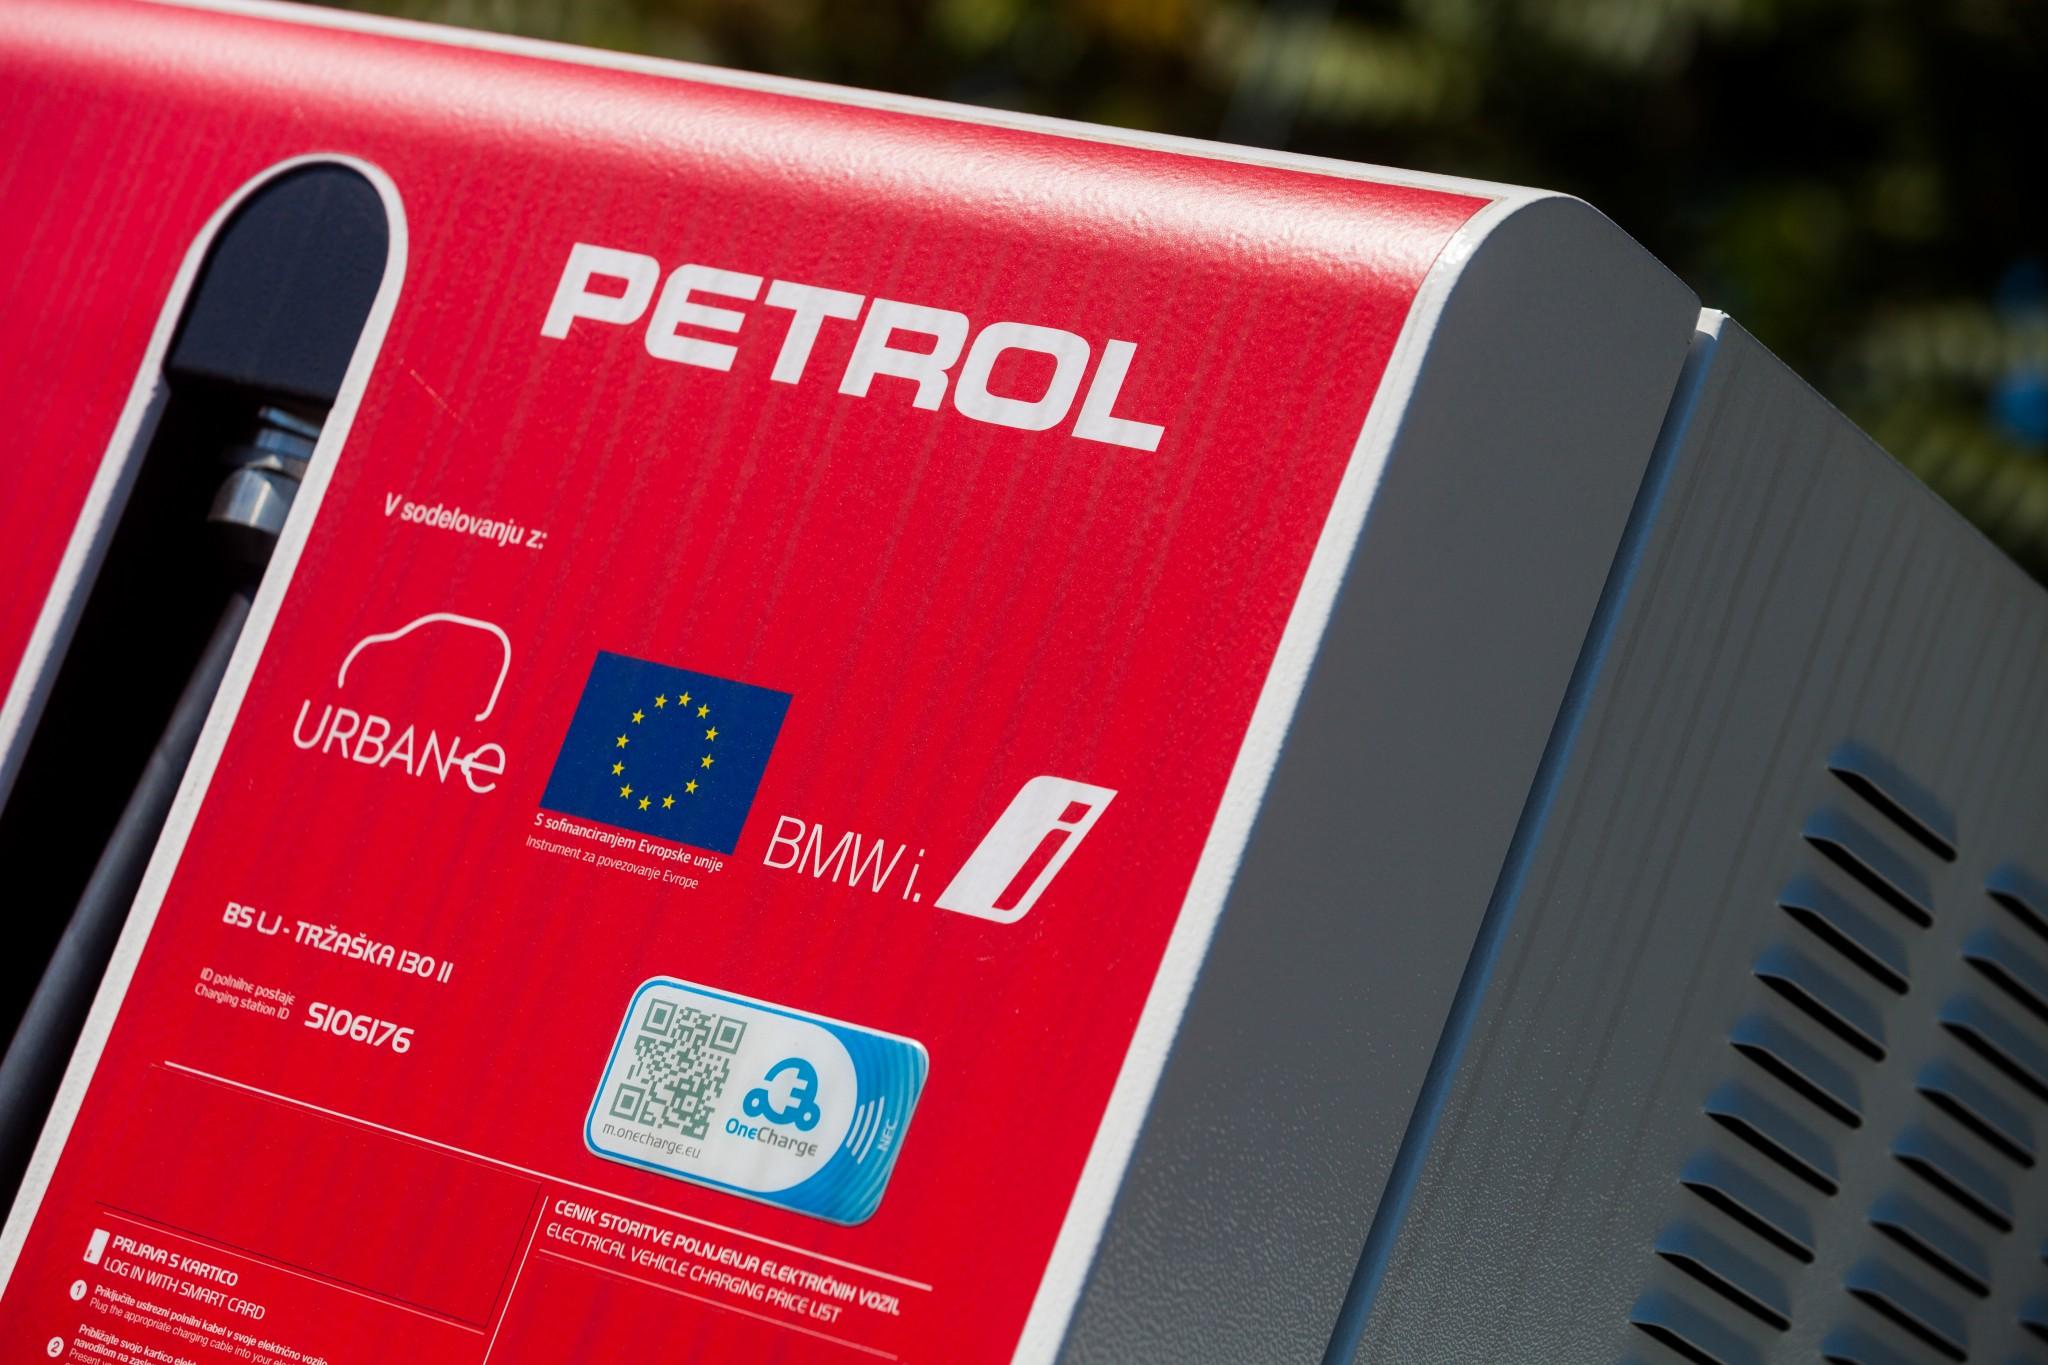 Petrol-veliko-polnilnic-postavlja-partnerji